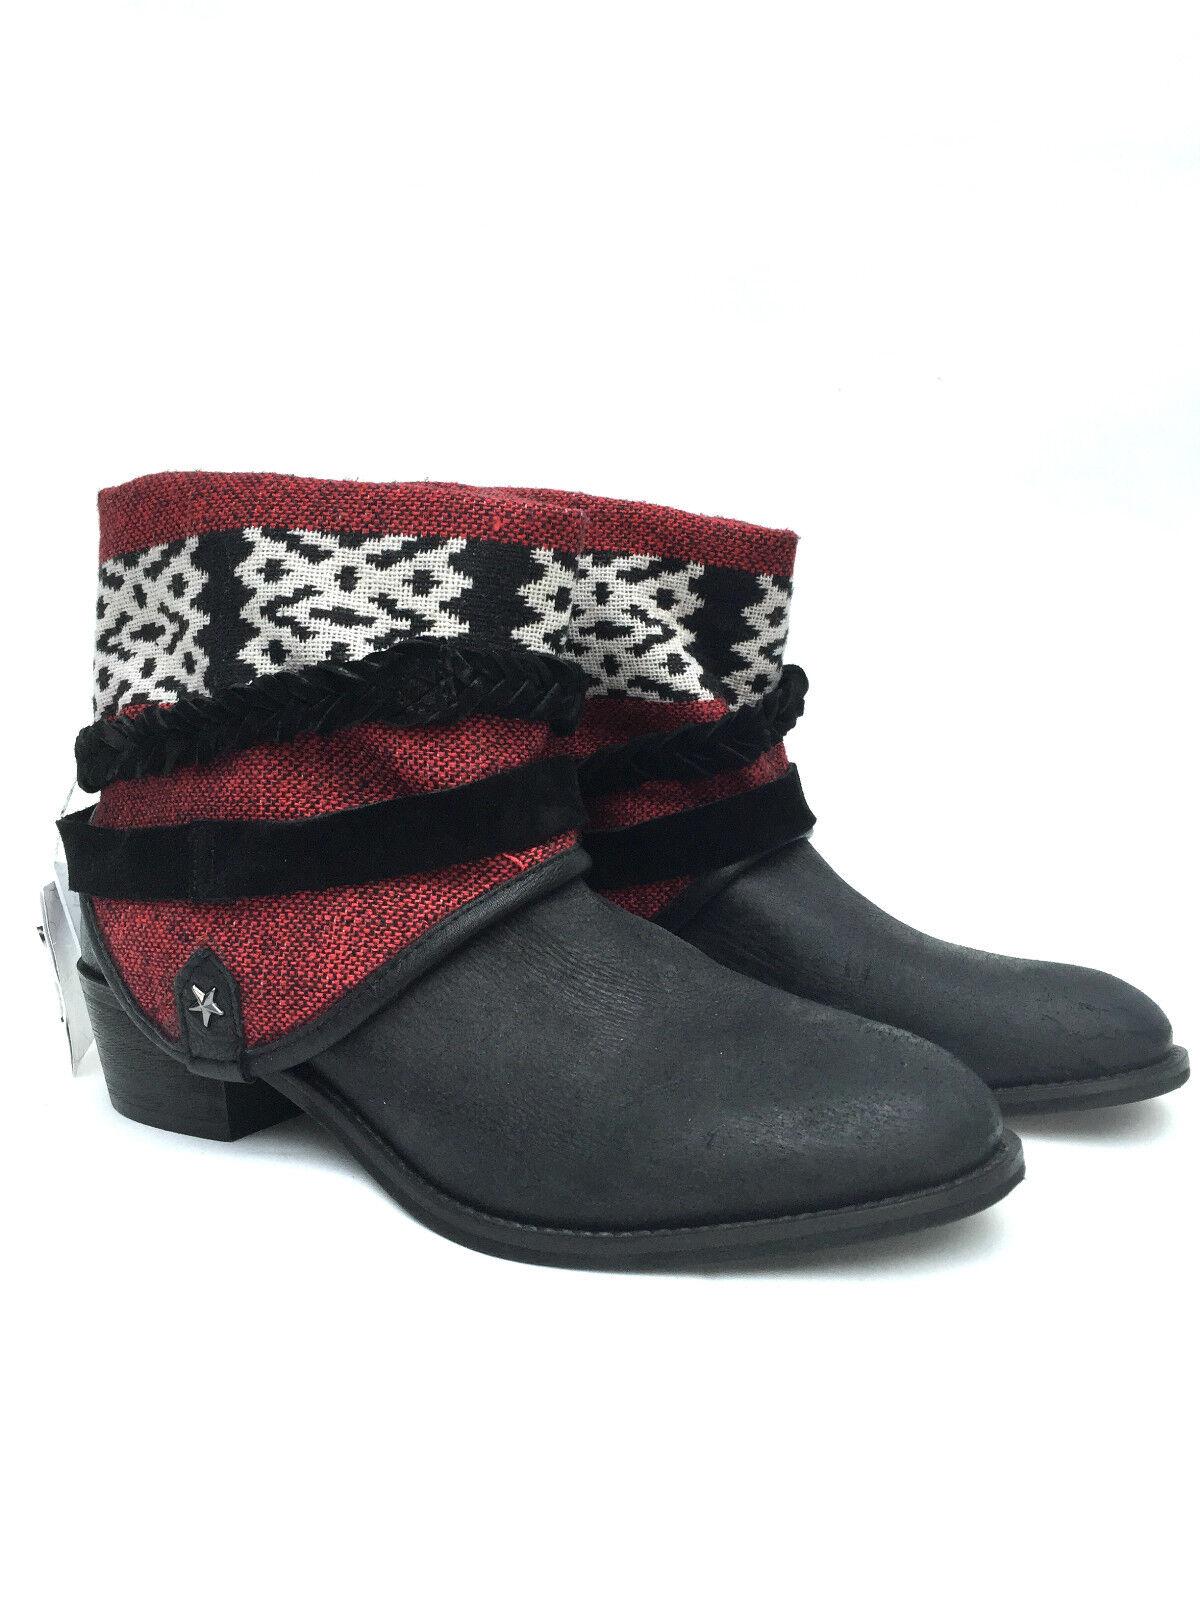 Zara Leder Tribal Ethnisch Ankle Stiefel Größe UK6/Eur39/Us8